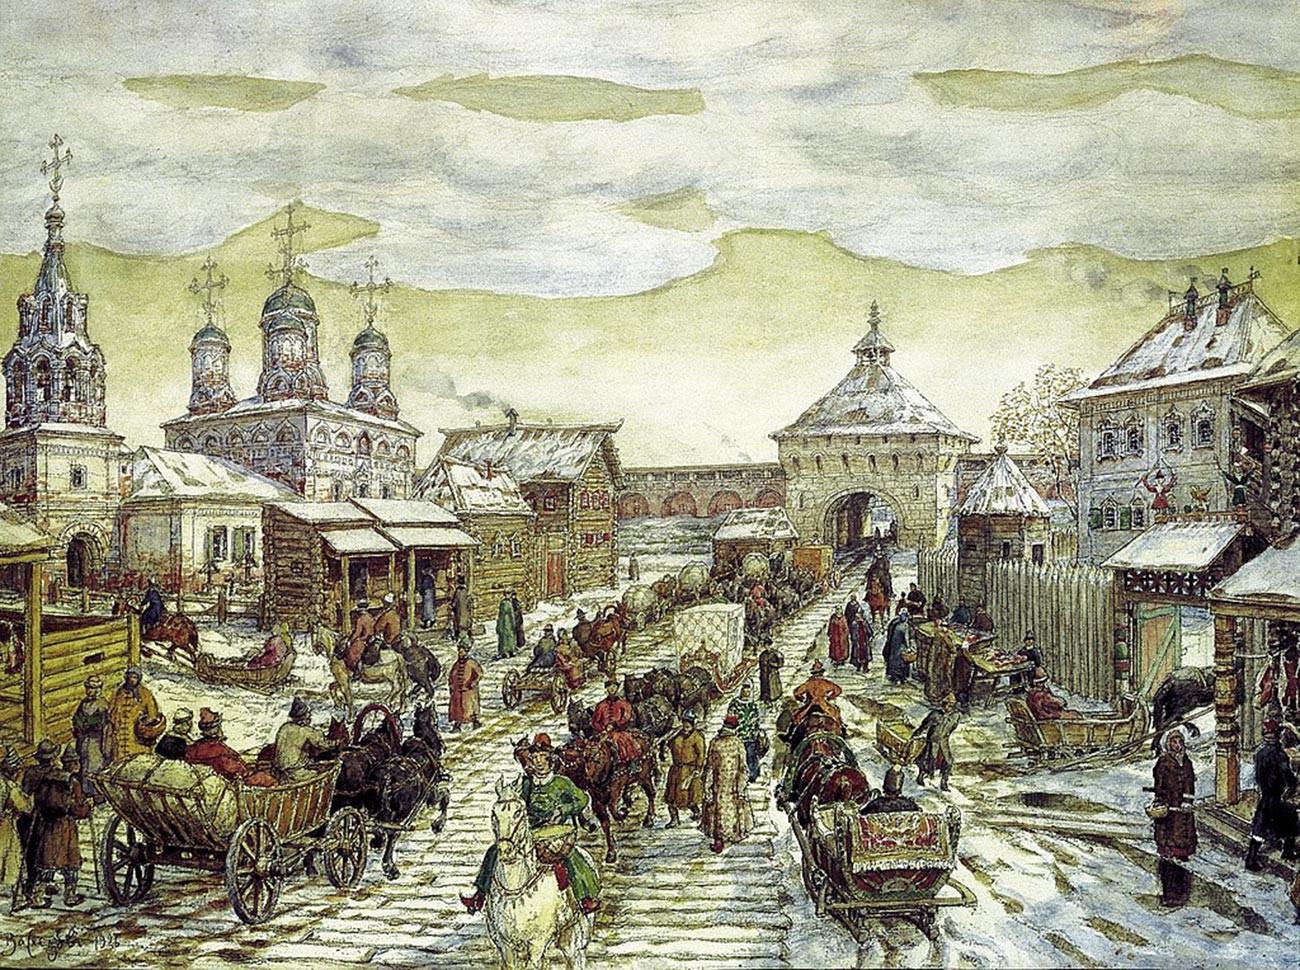 """Dipinto di Apollinarij Vasnetsov (1856-1933) """"Alla Porta Mjasnitskij della Città Bianca nel XVII secolo"""""""